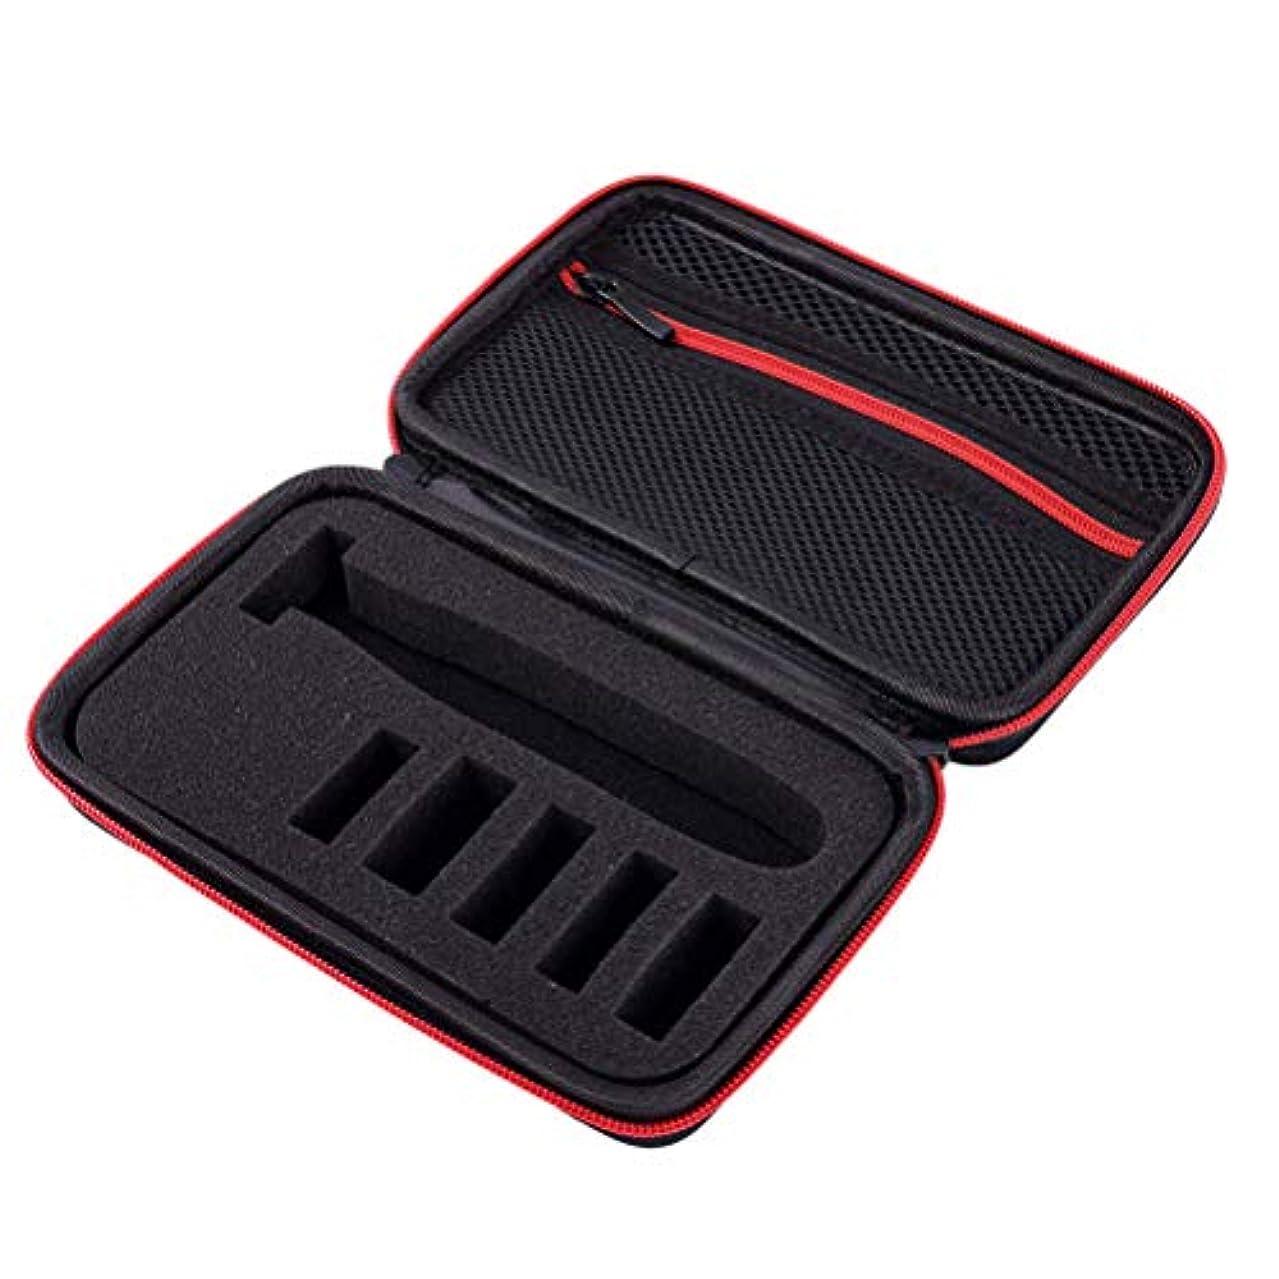 法律弁護士発表SODIAL シェーバーケーストラベル電気シェーバー収納オーガナイザー キャリングバッグ(レッドジッパー、モデルQp2530 / 2520に適用可能)